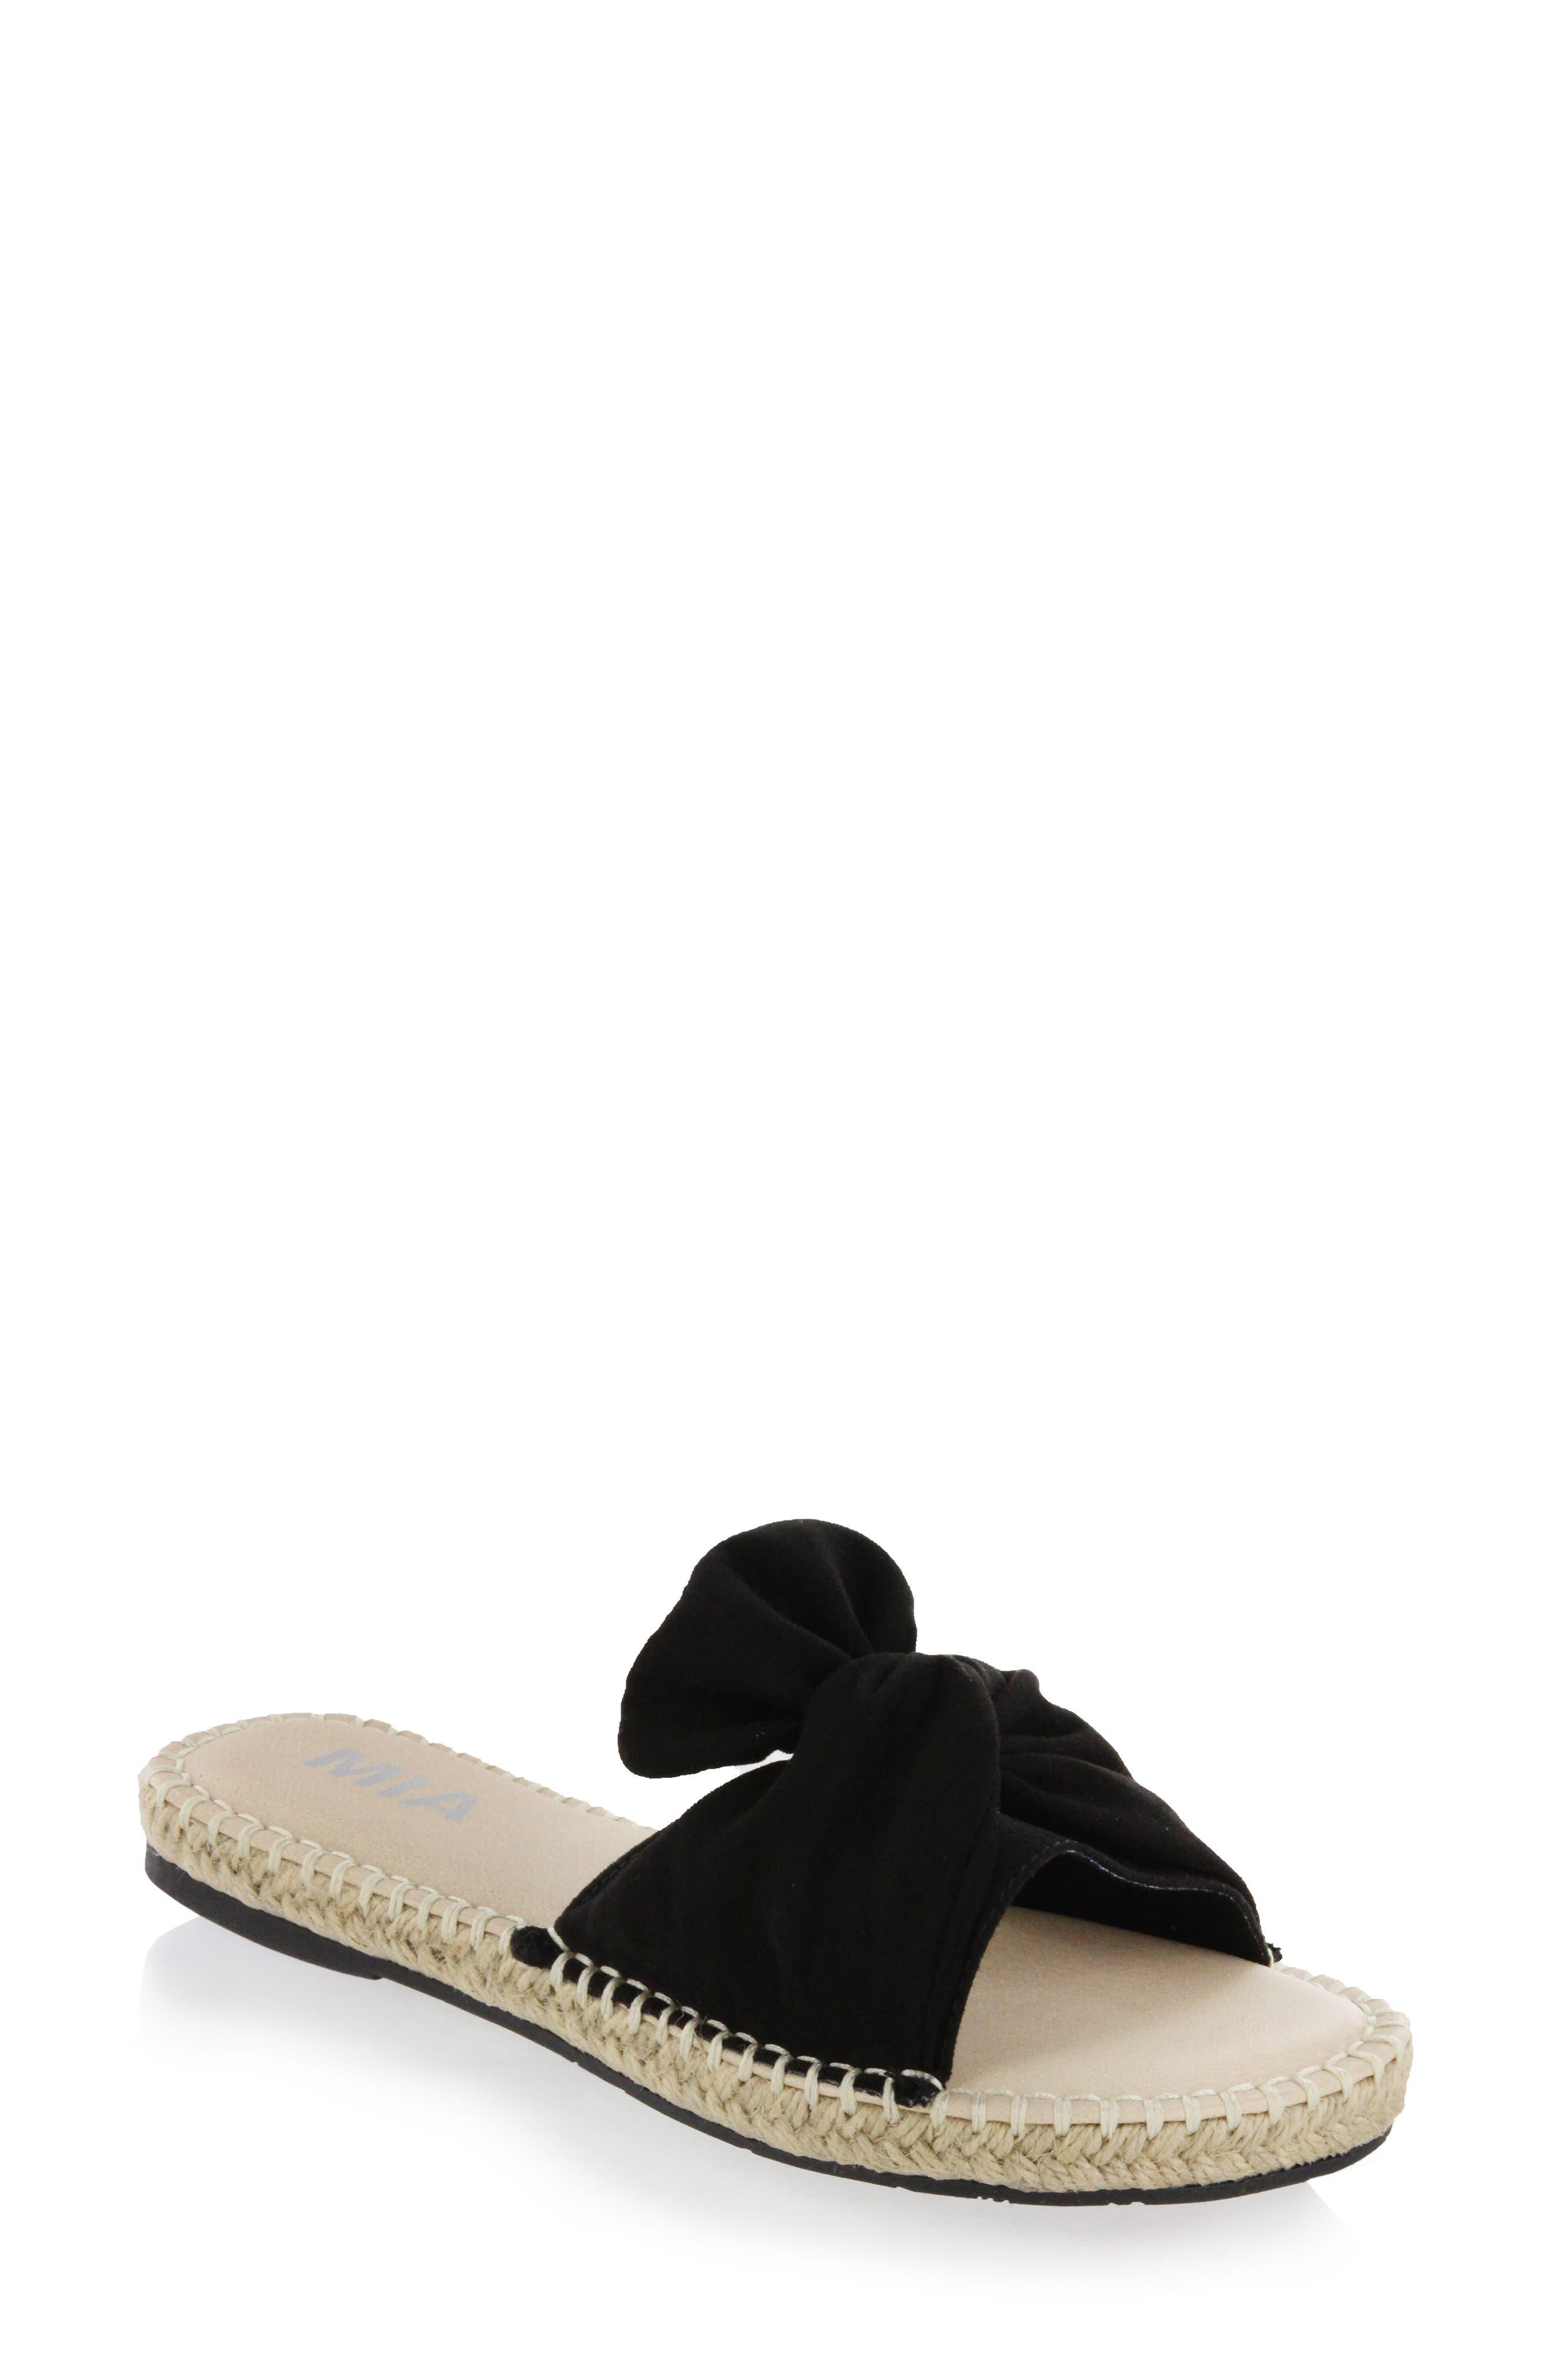 Kensi Knotted Slide Sandal,                         Main,                         color,